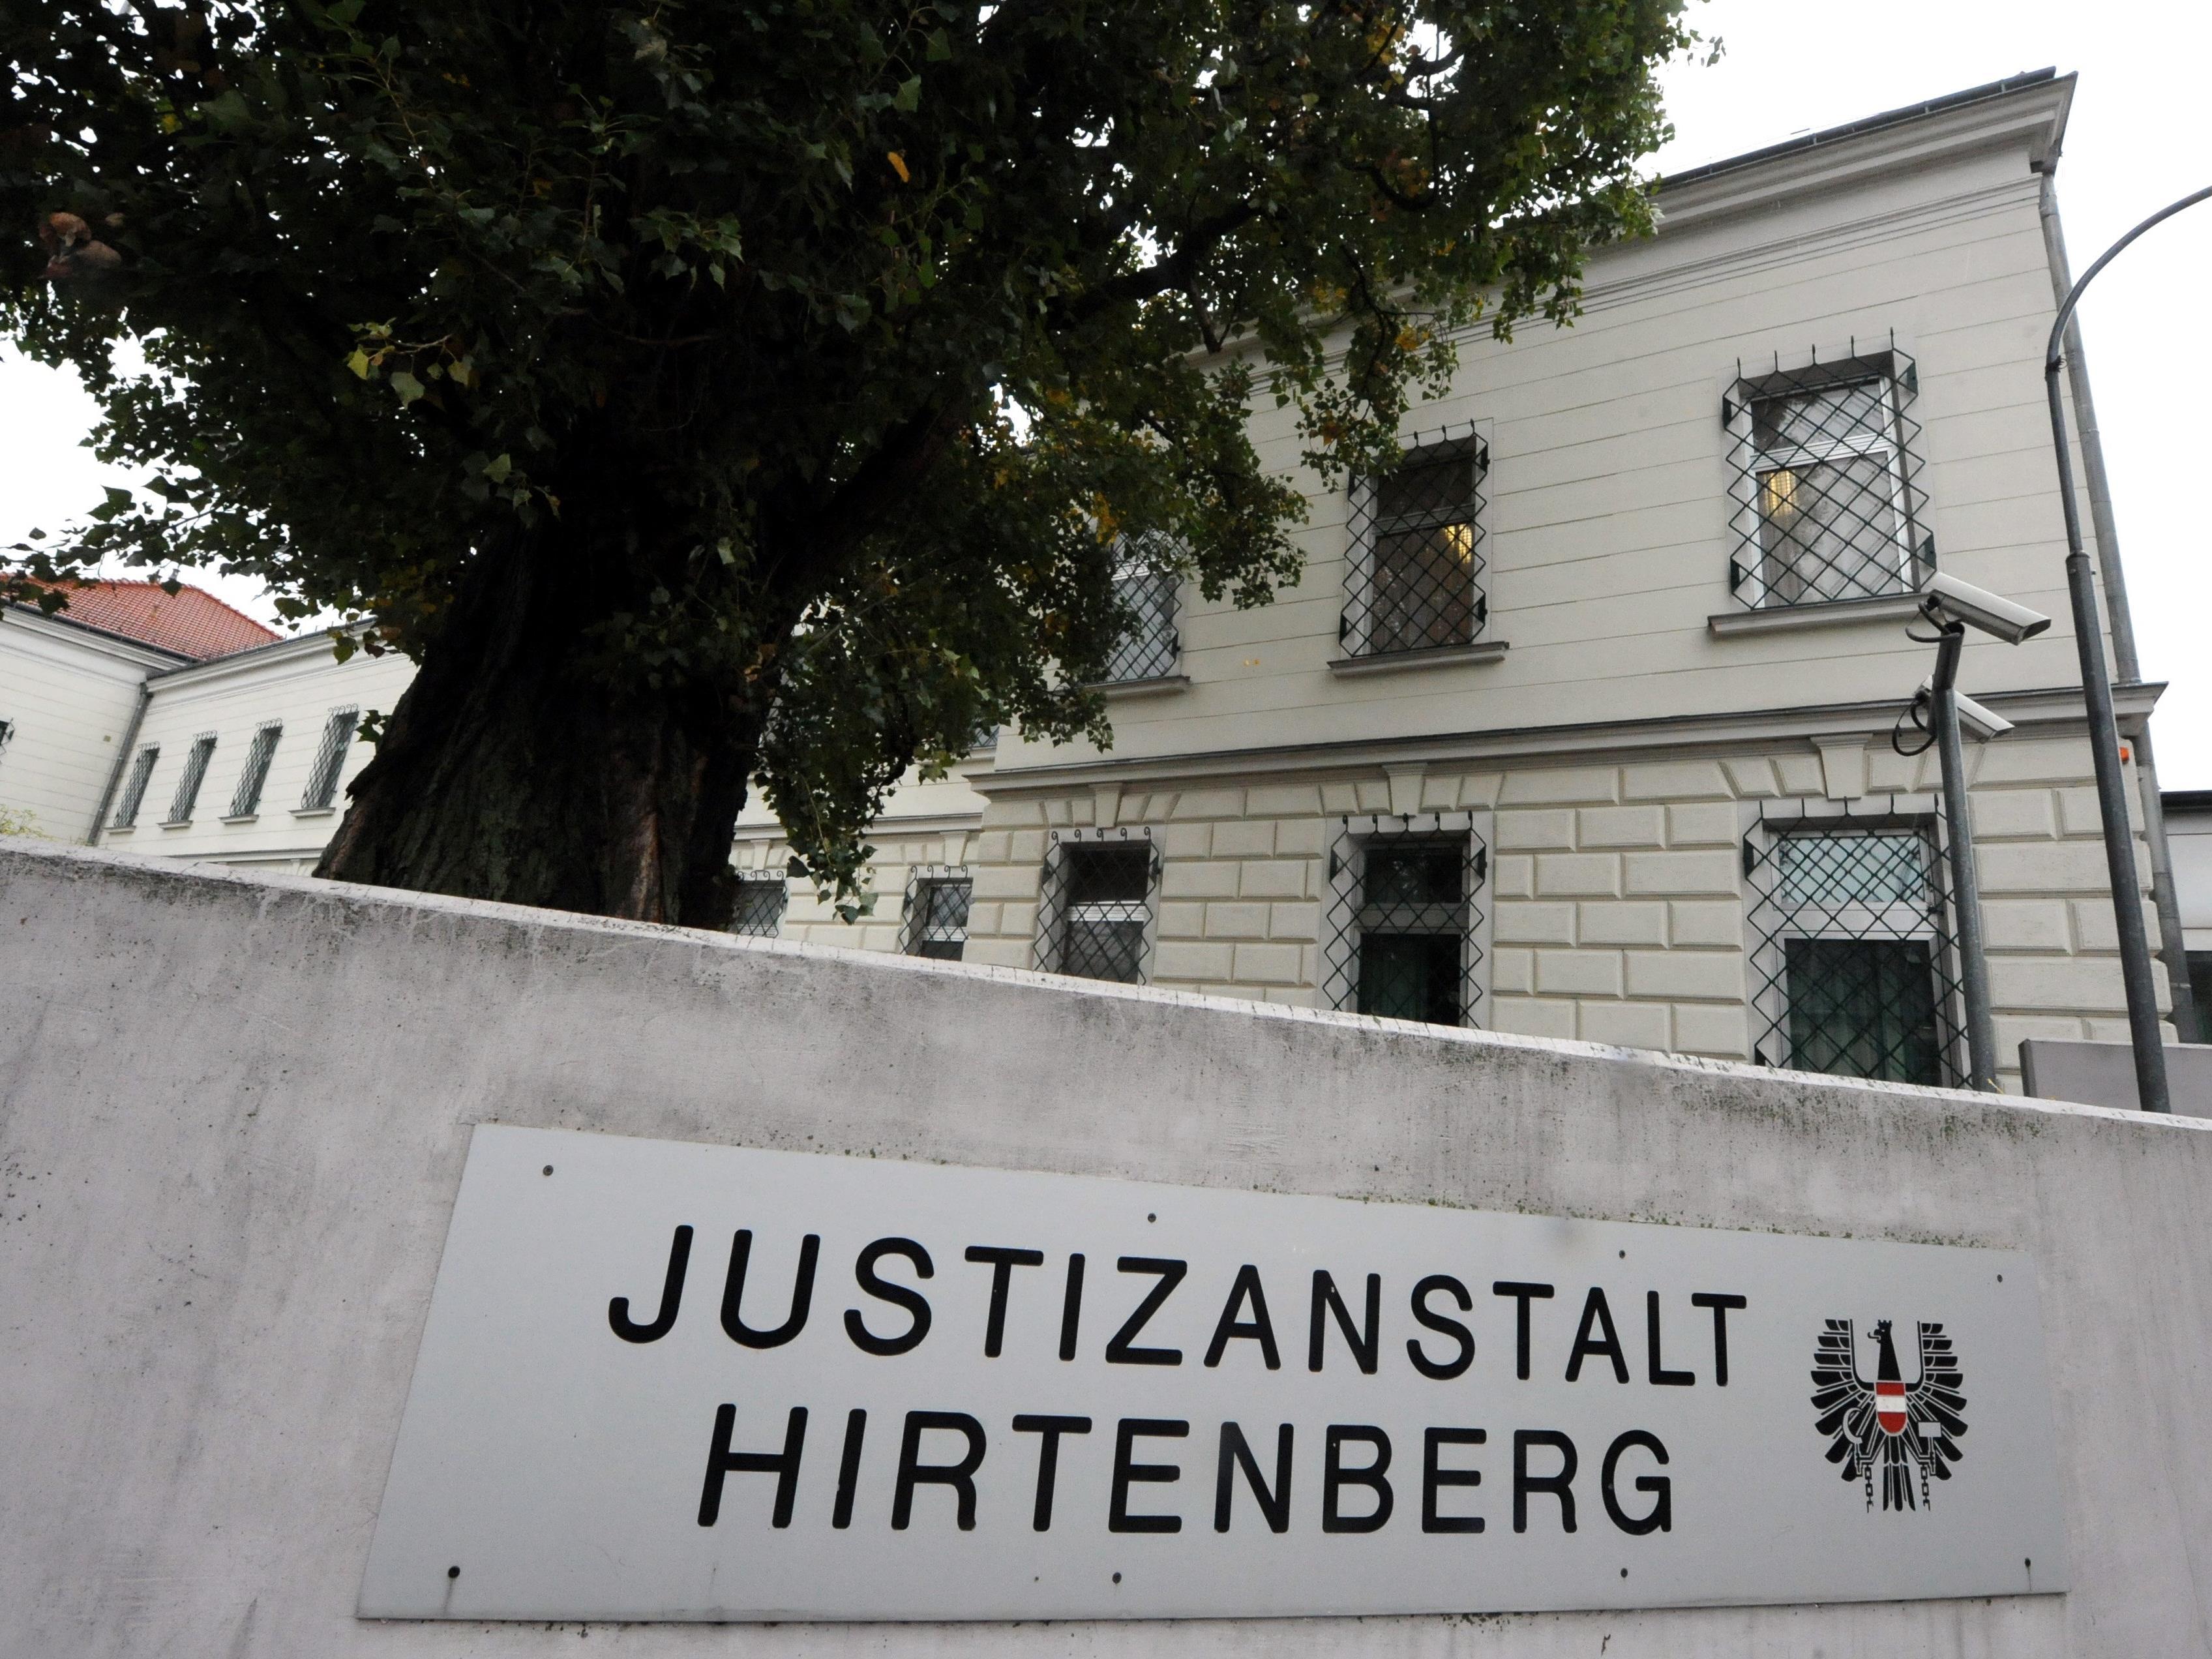 Die Justizanstalt wurde um 80 Haftplätze erweitert.